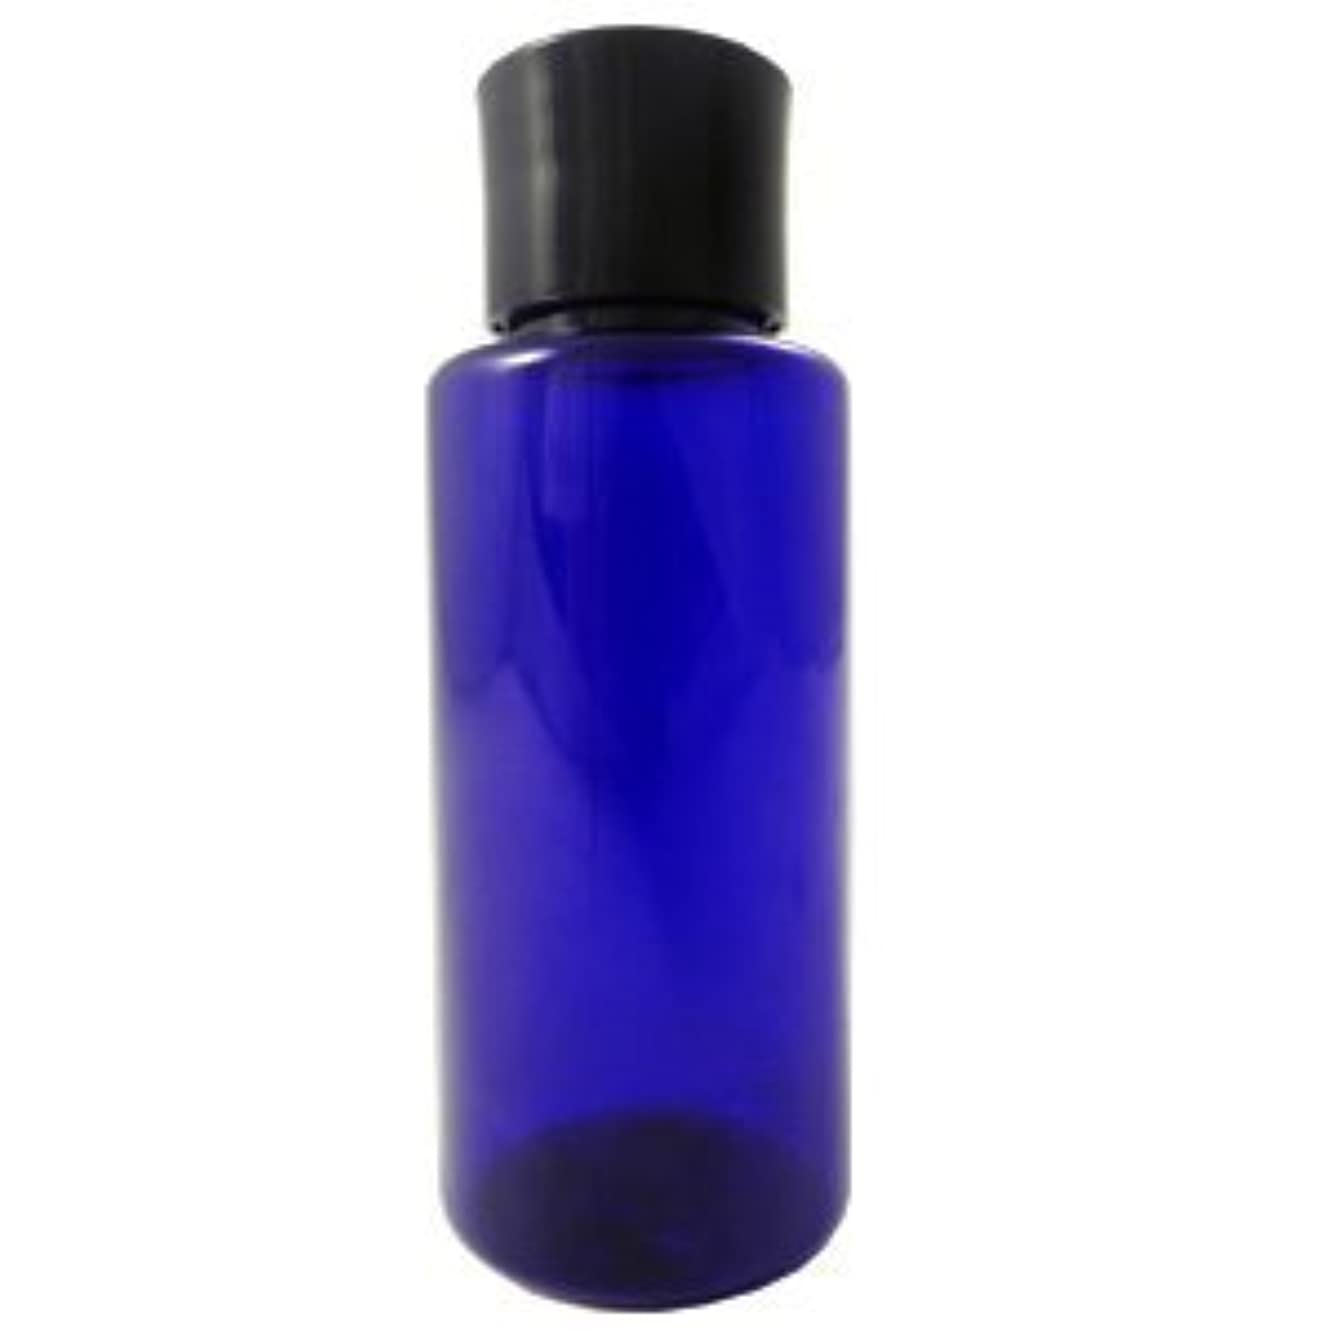 ローブ不倫辞任するPETボトル コバルトブルー (青) 50ml *化粧水用中栓